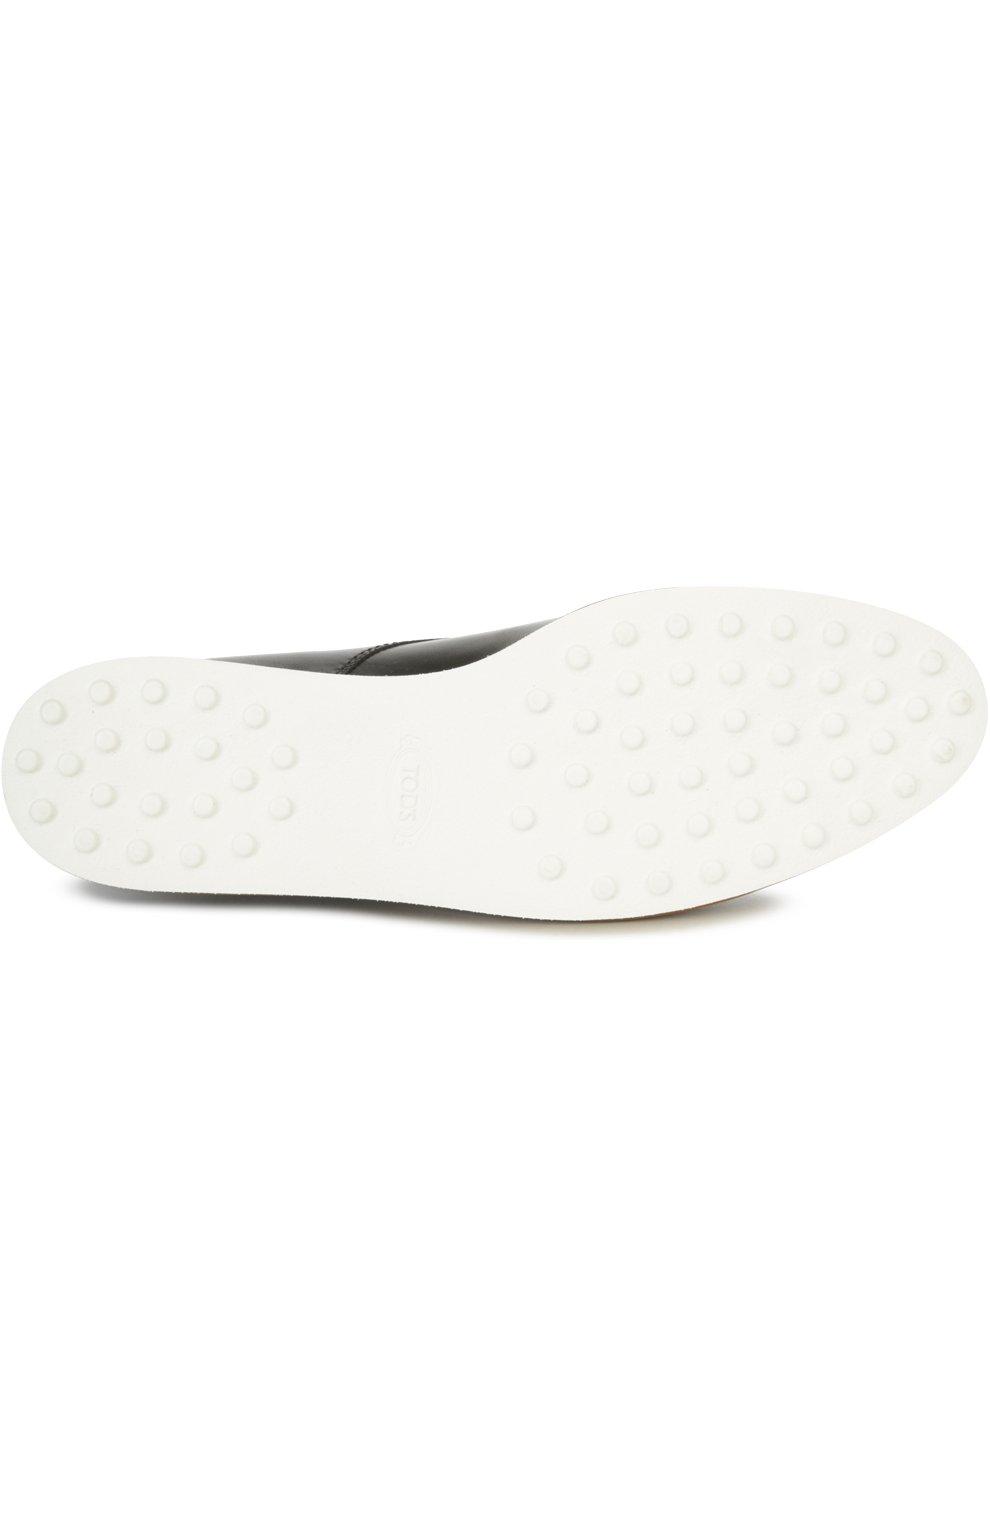 Кожаные ботинки Gomma на шнуровке | Фото №5